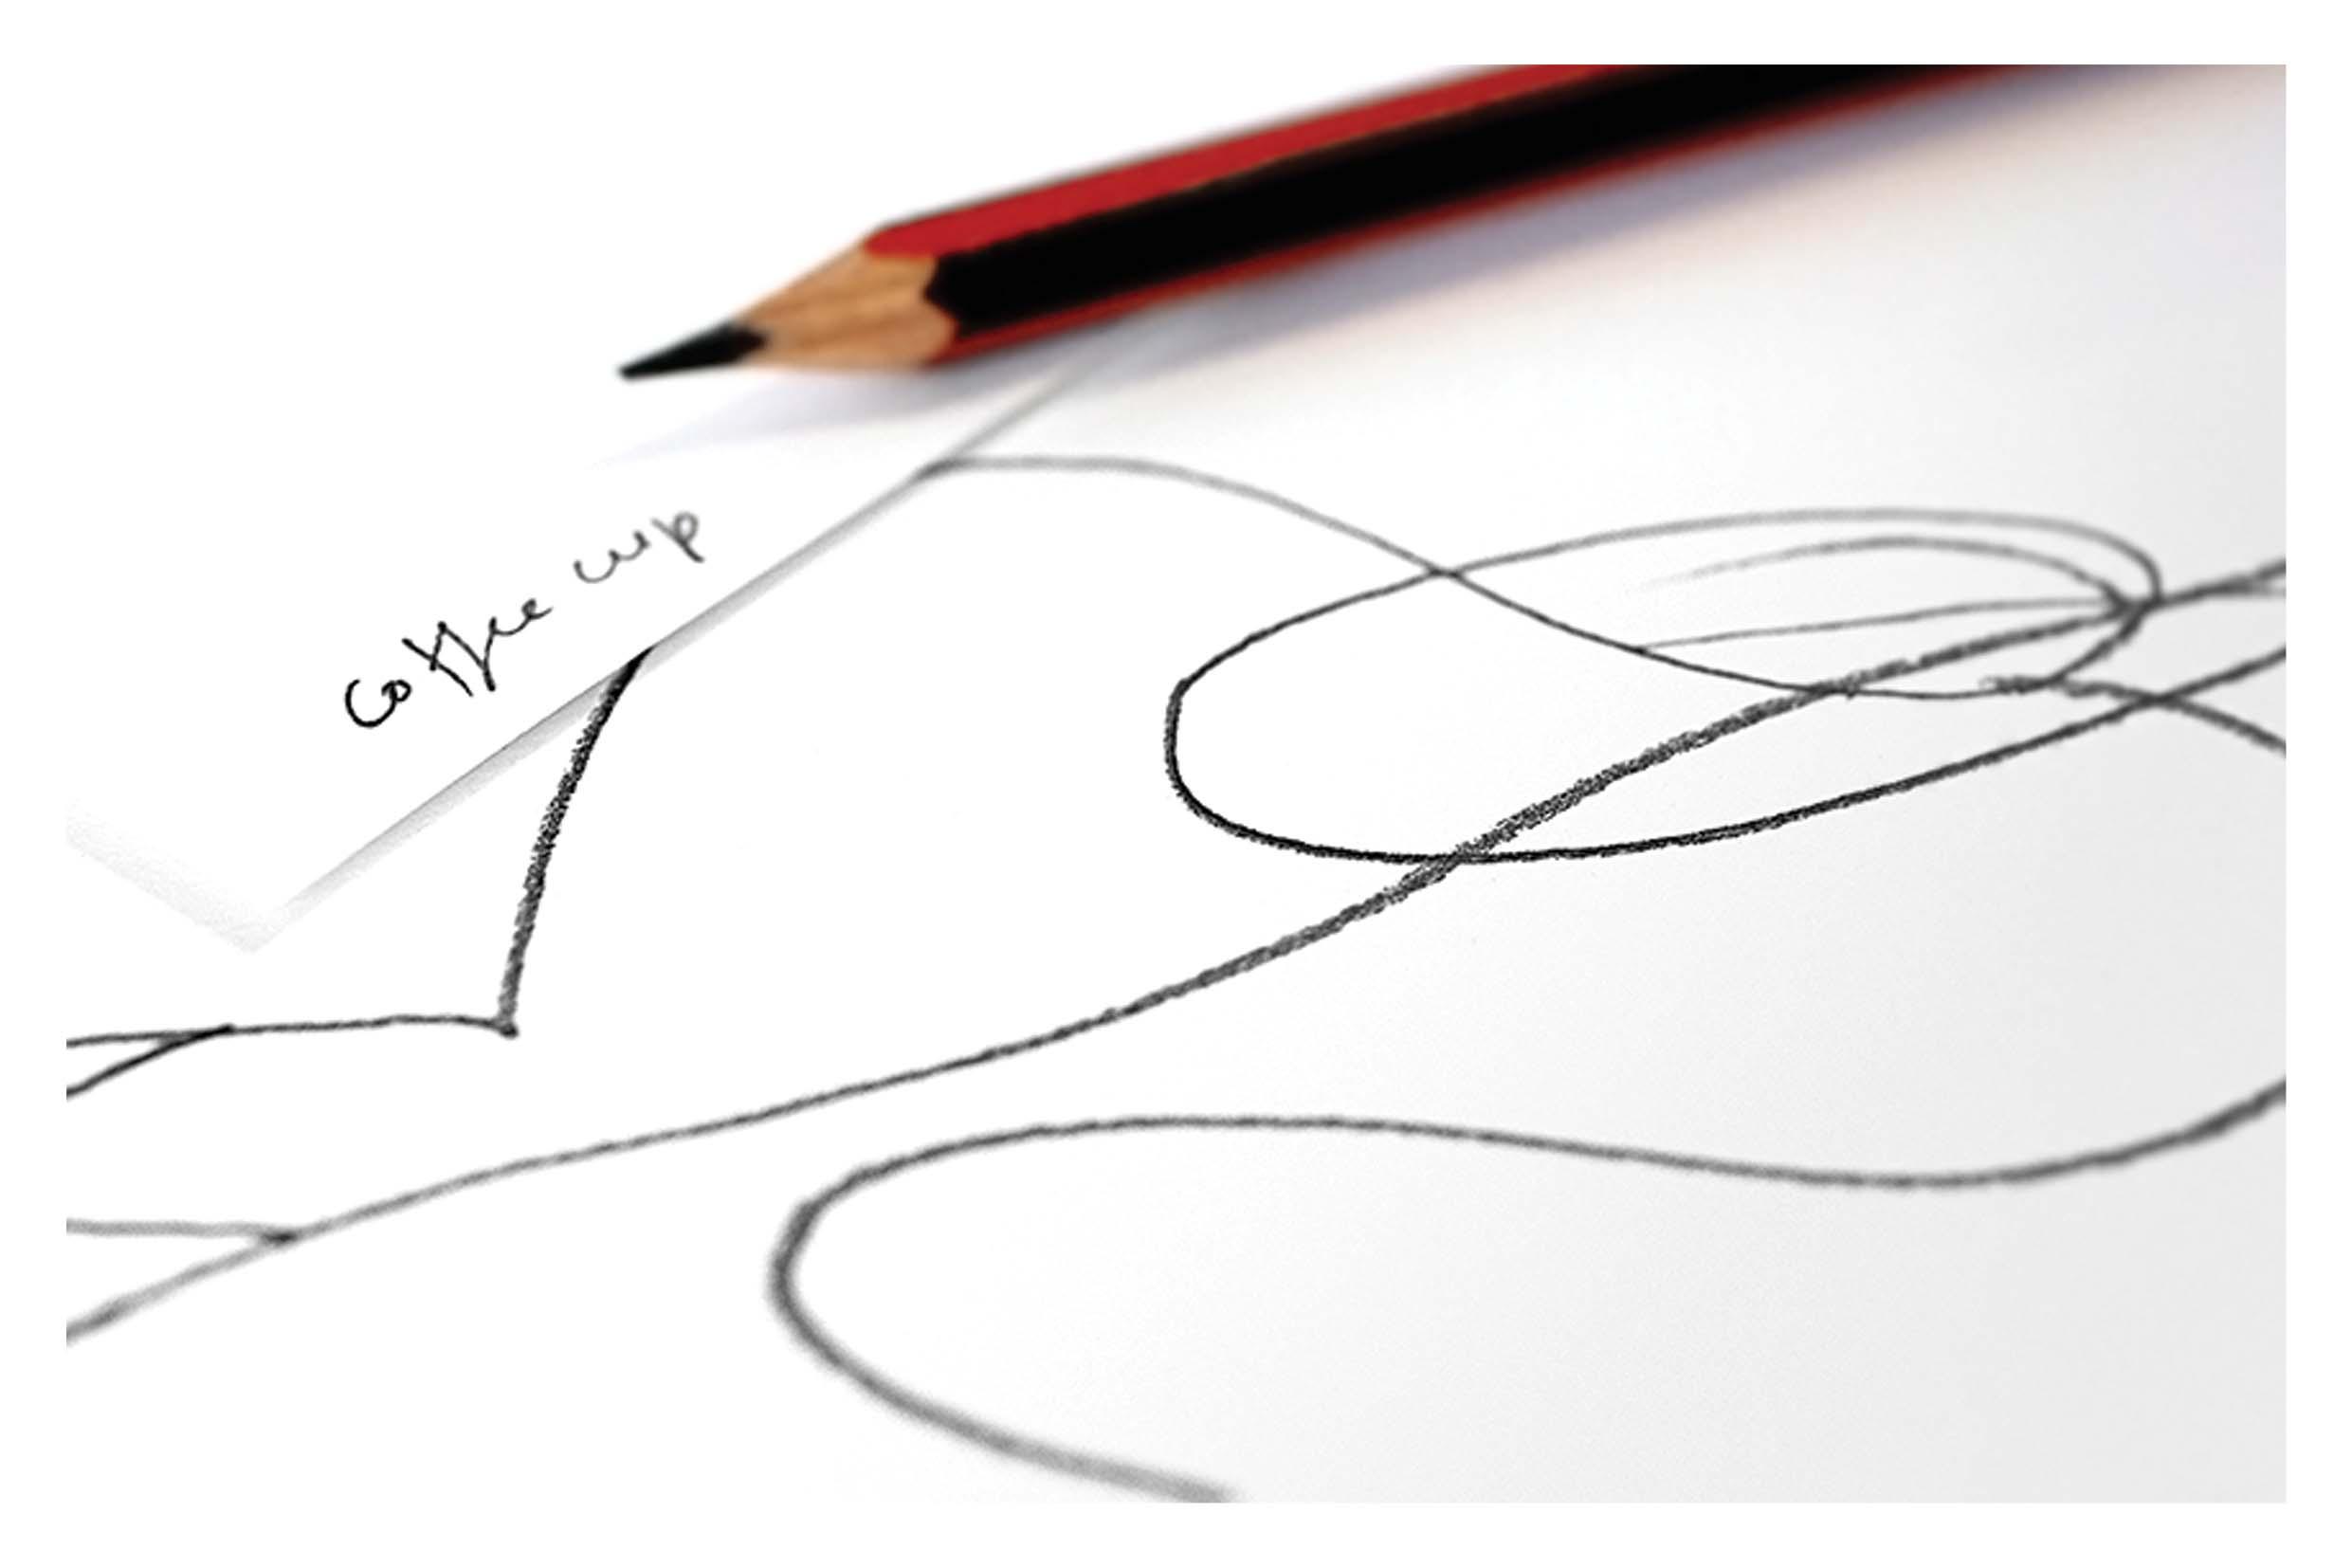 Douwe Egberts_Org_Sketches_150dpi_RGB.jpg